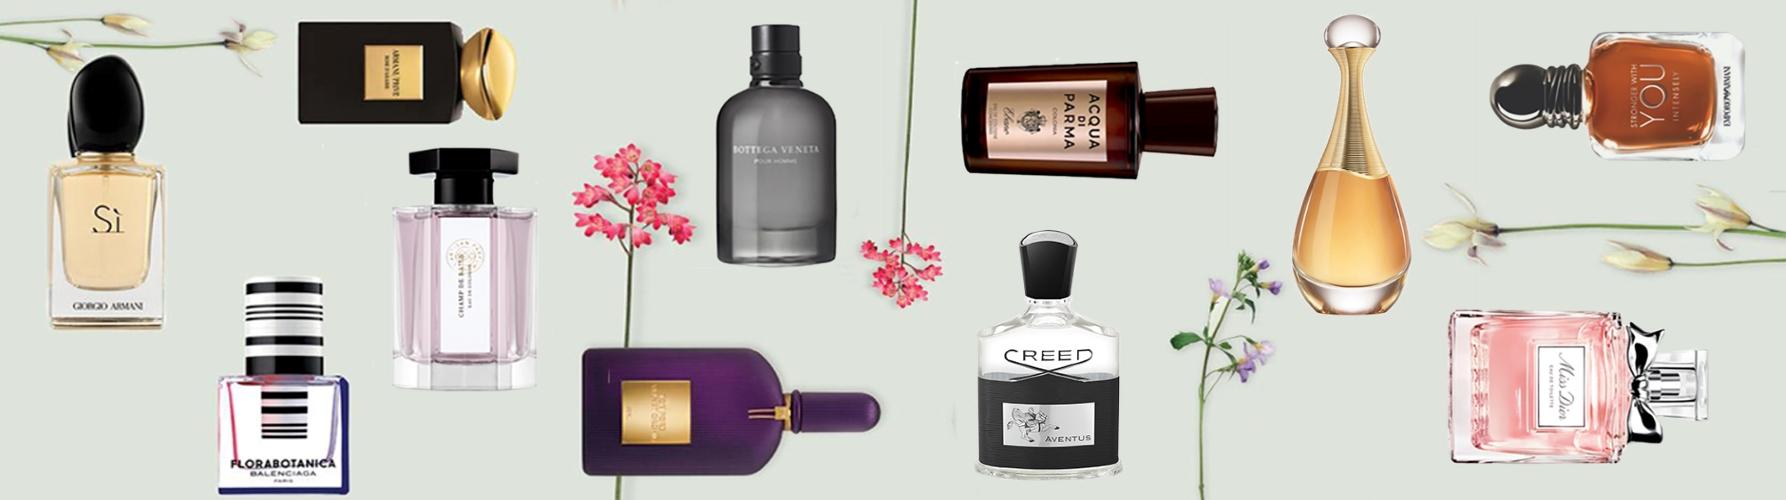 Ценовой диапазон селективной парфюмерии